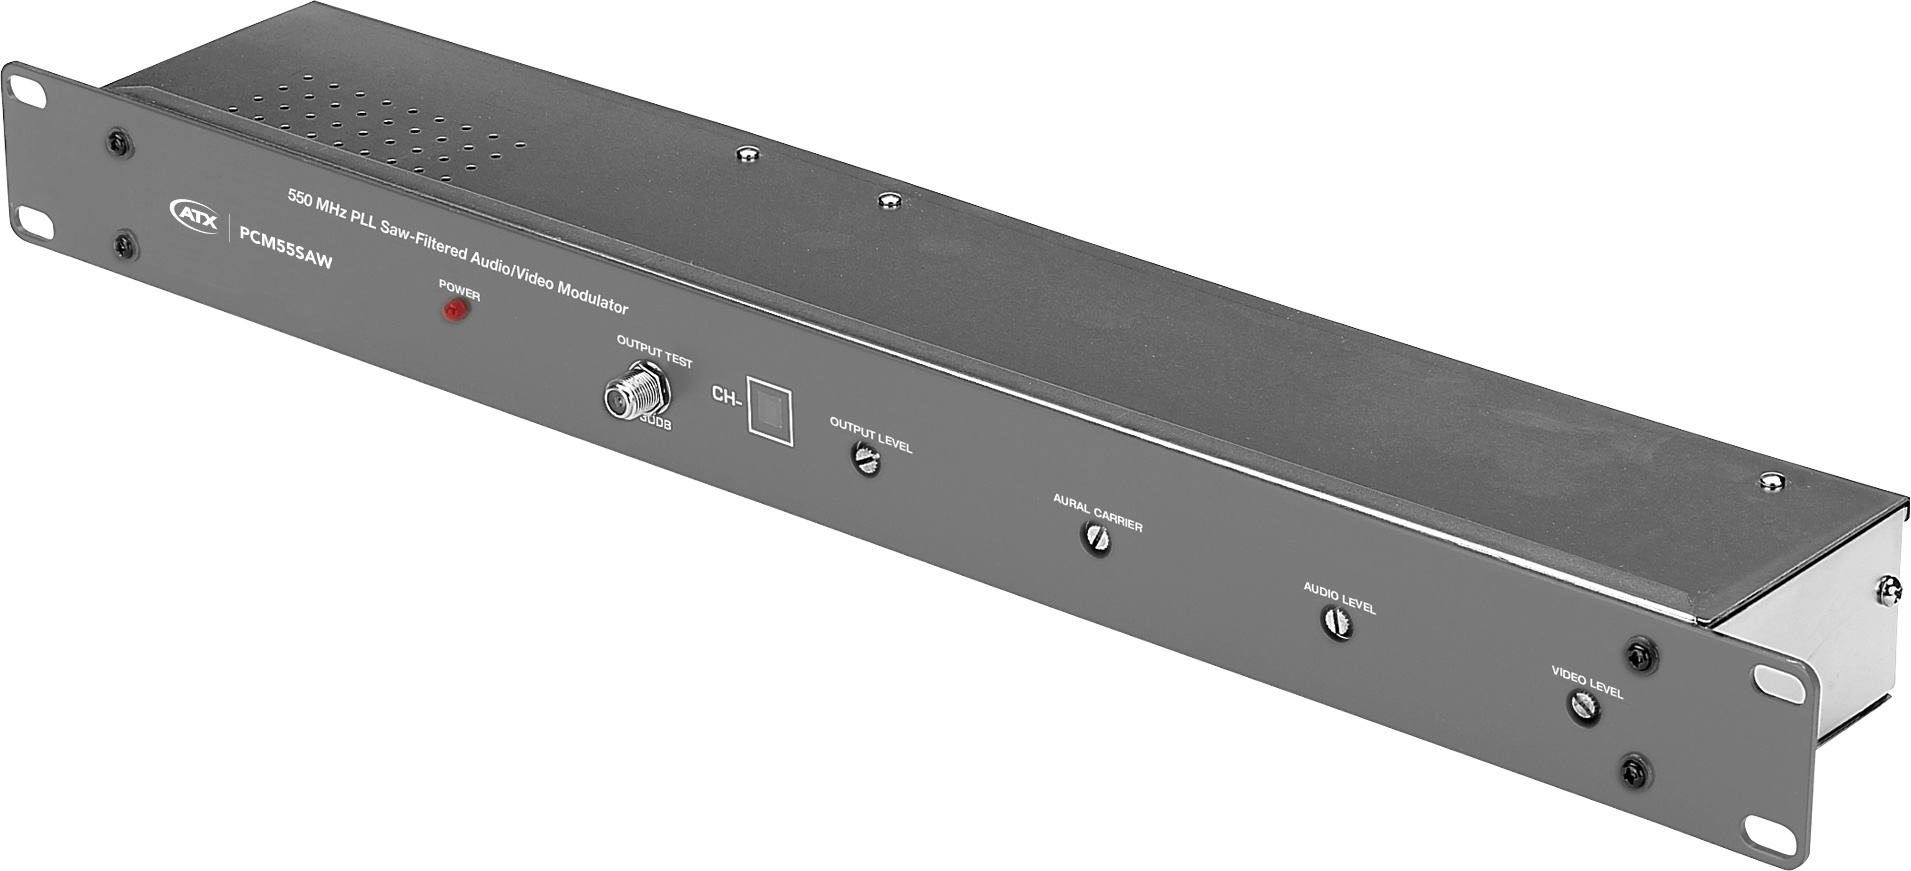 1 Channel Crystal A/V Modulator - Channel LLL PM-PCM55SAW-LLL